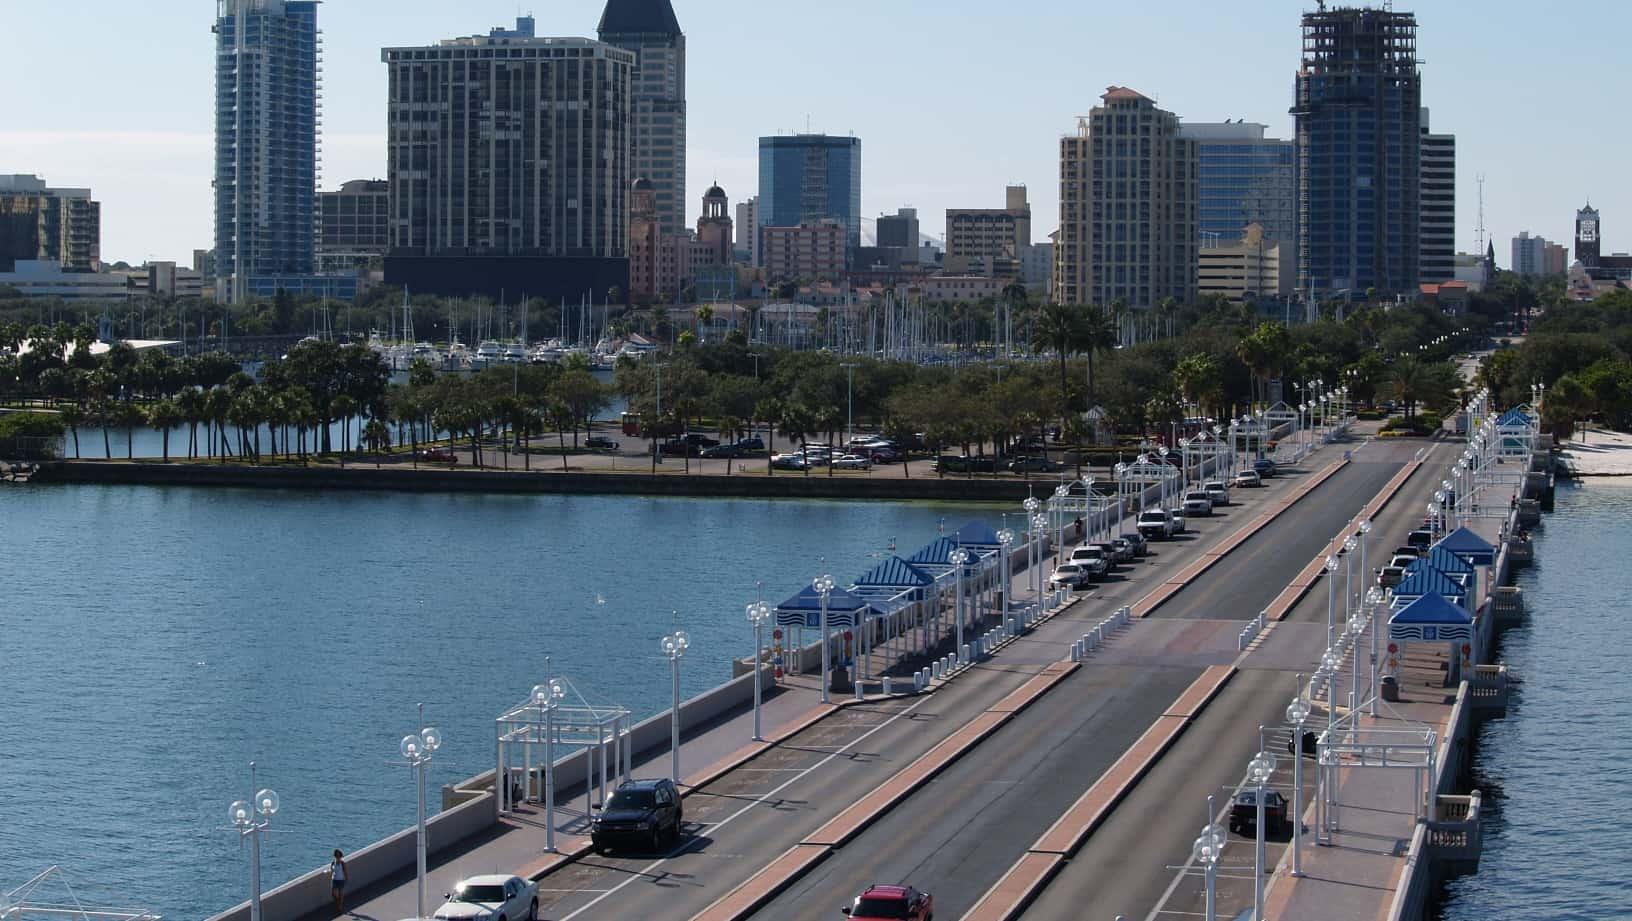 C'est à St. Petersburg, en Floride, que les faits se sont produits. D'après les informations rapportées par Metro News, ils se seraient déroulés dans la nuit du 31 mars au 1er avril, aux alentours de 4h30. Cette nuit-là, Ronald B, 61 ans, était sorti fumer une cigarette sur le parking. C'est alors qu'il a découvert […]